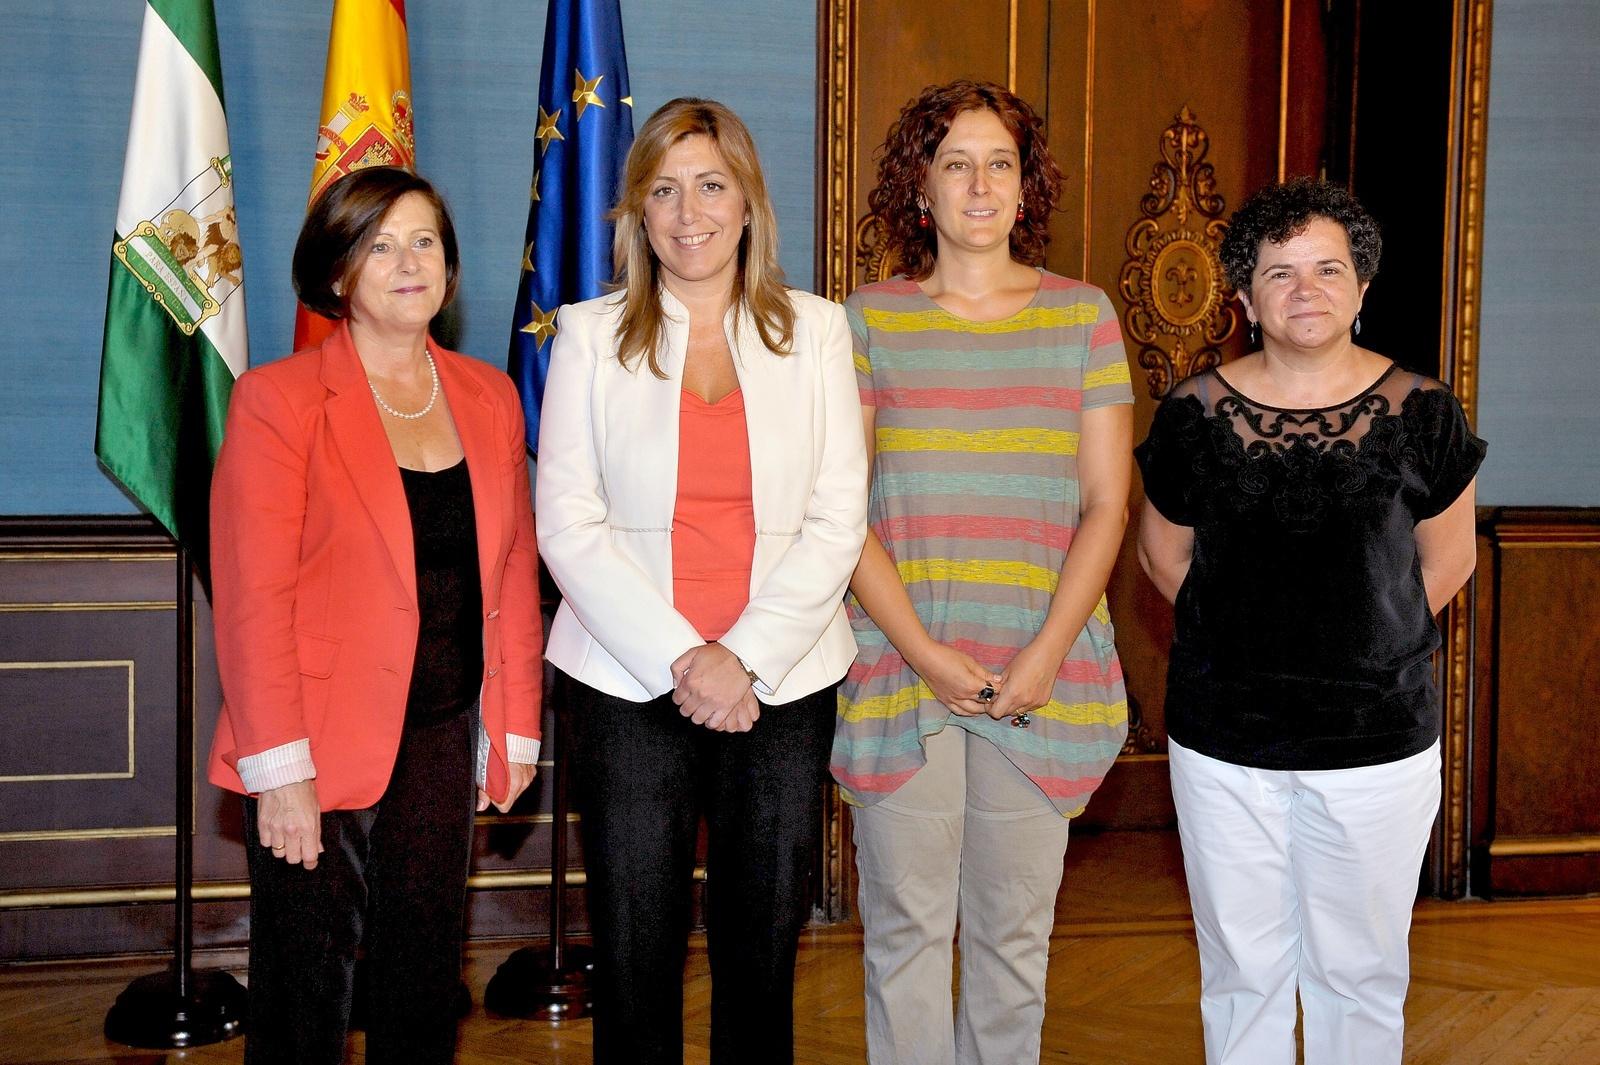 Susana Díaz presidirá el Consejo Andaluz de Participación de las Mujeres para reforzar su apuesta por igualdad de género